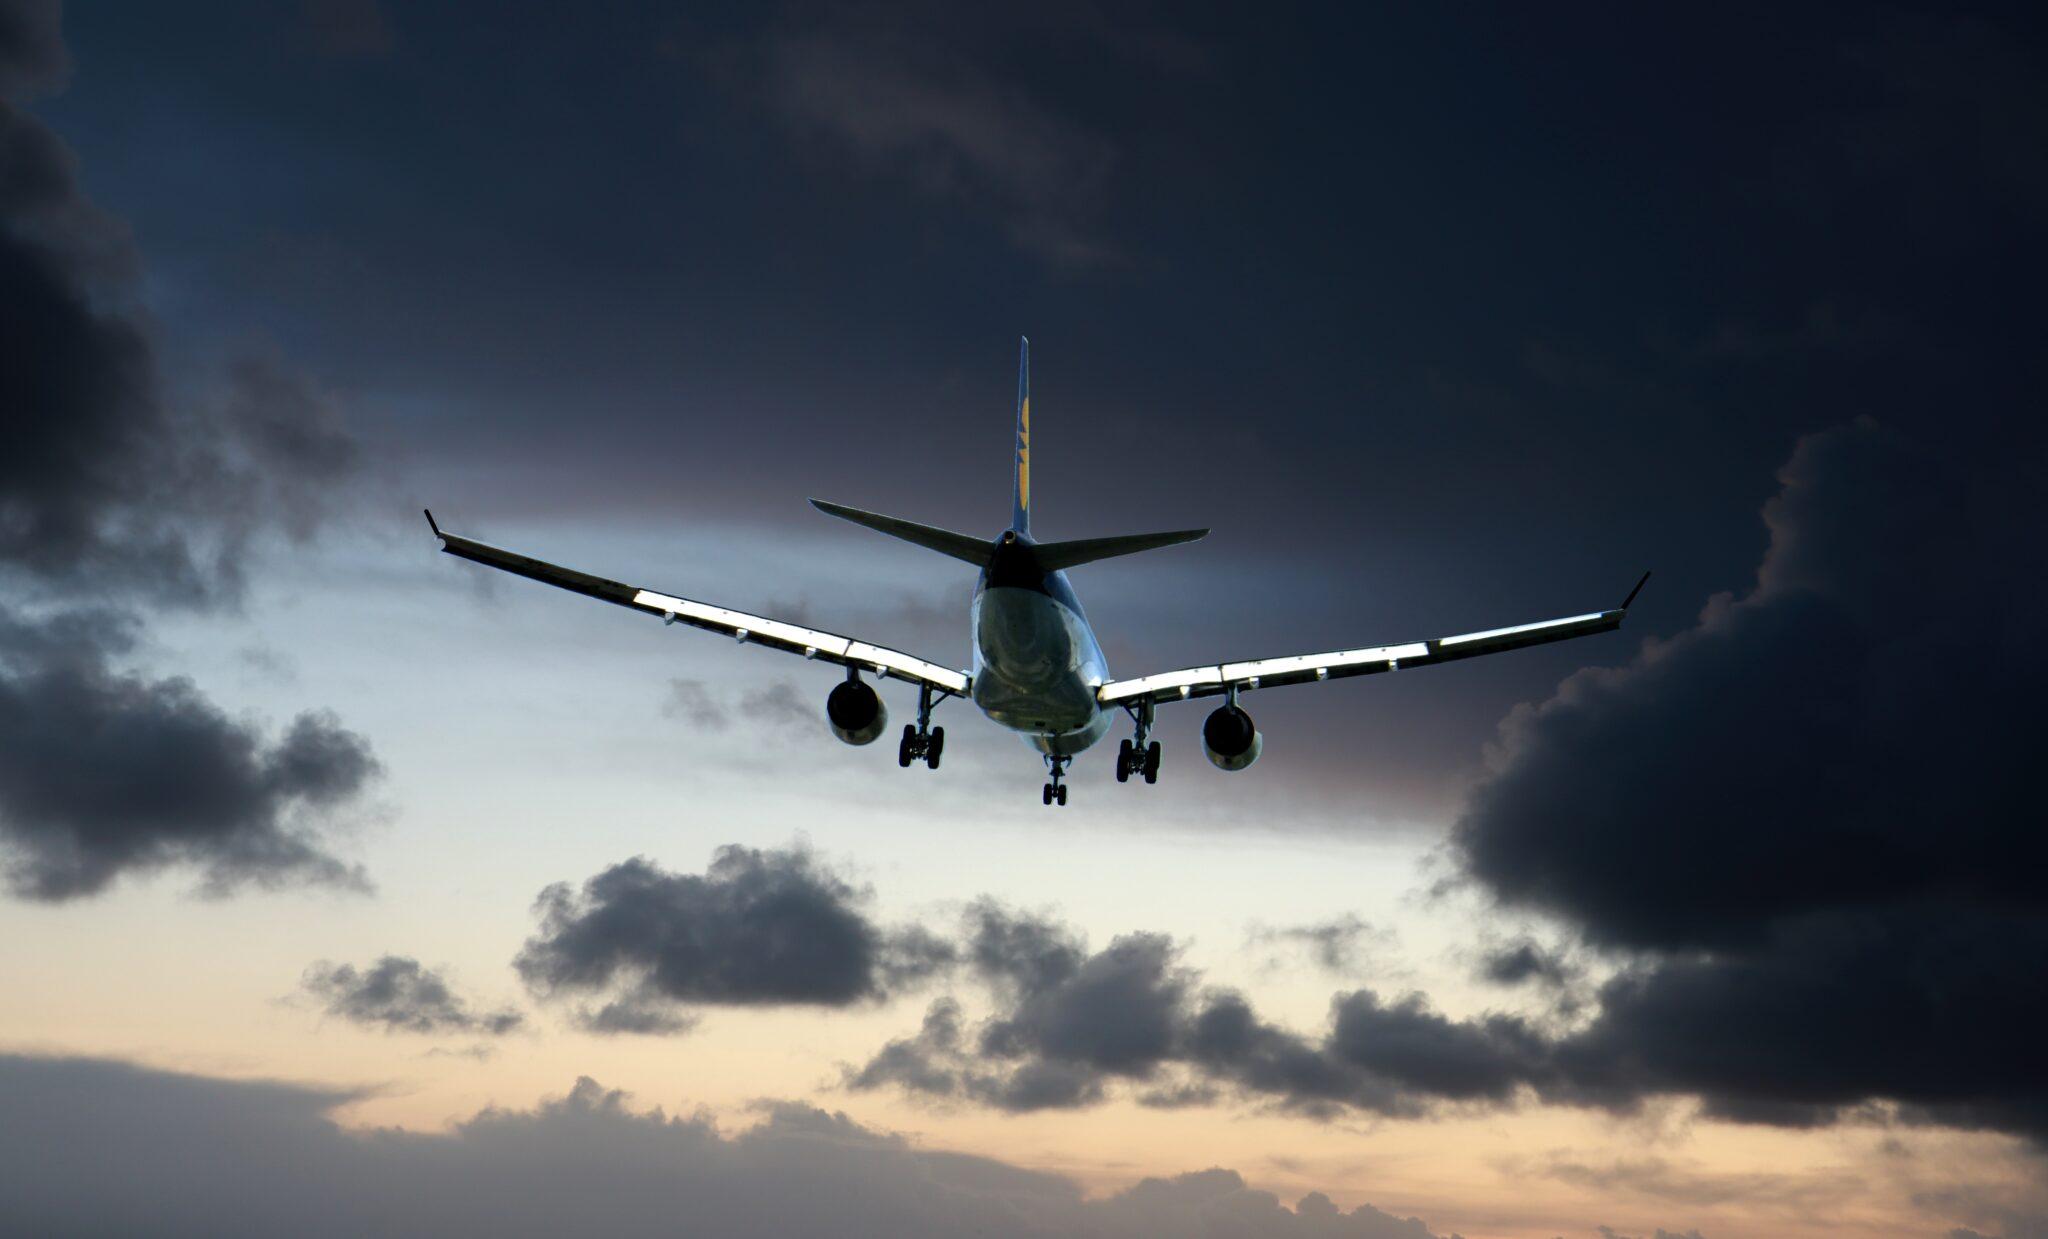 Flugzeug in Ansicht von hinten